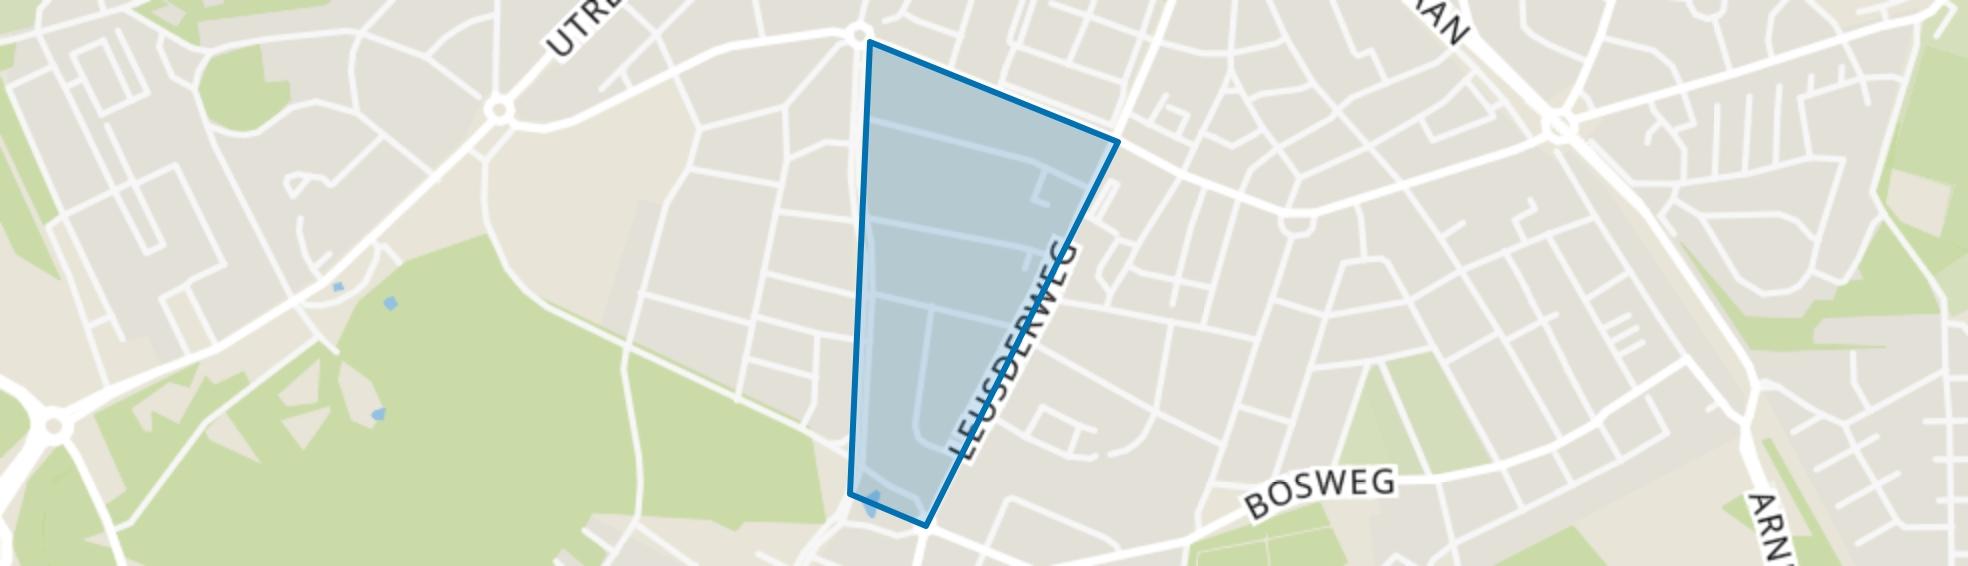 Verhoevenstraat, Amersfoort map